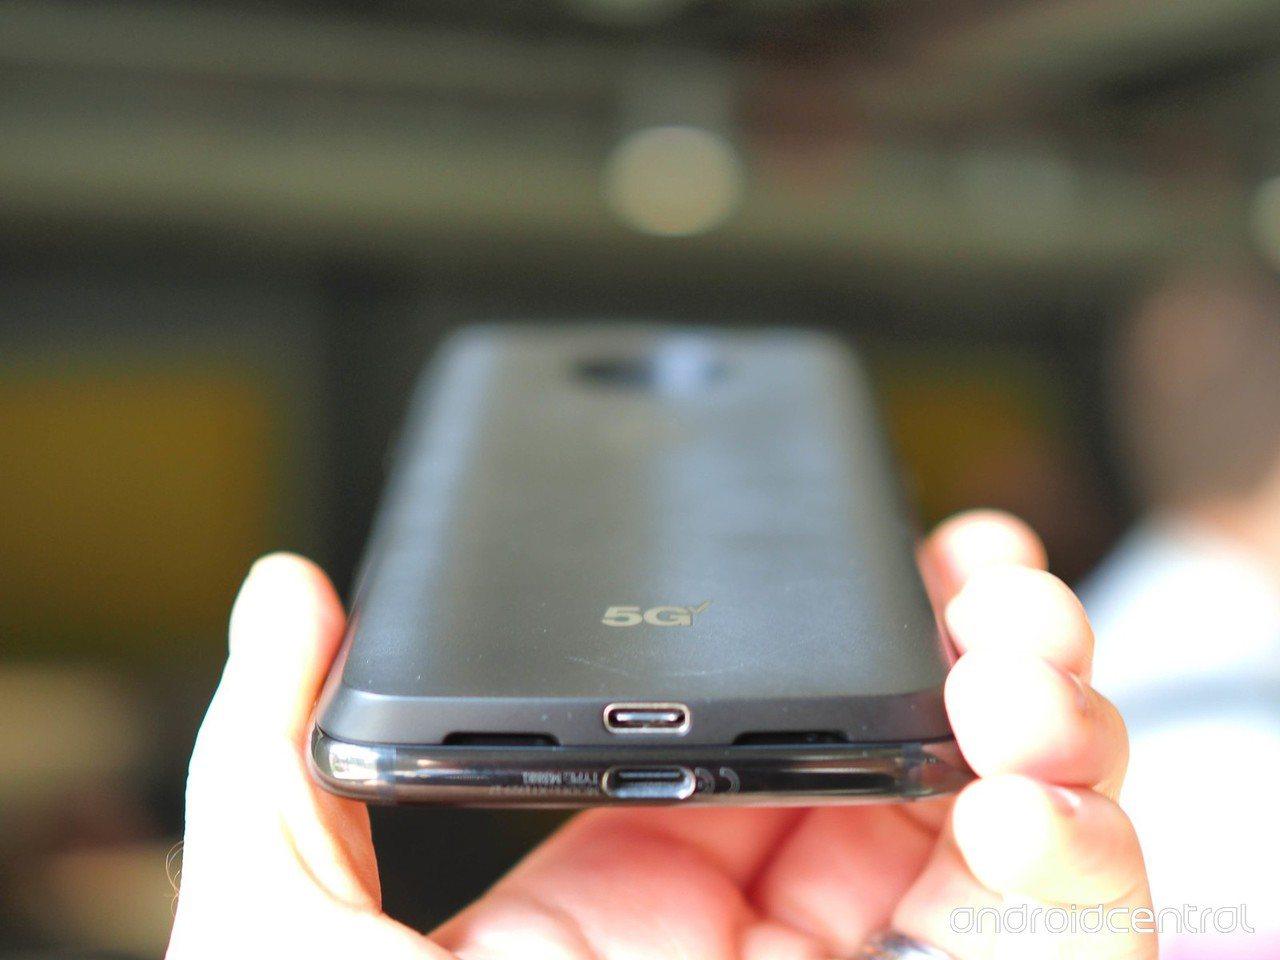 Motorola Z3若加上5G連網模組,厚度可能讓許多人無法接受。網路照片